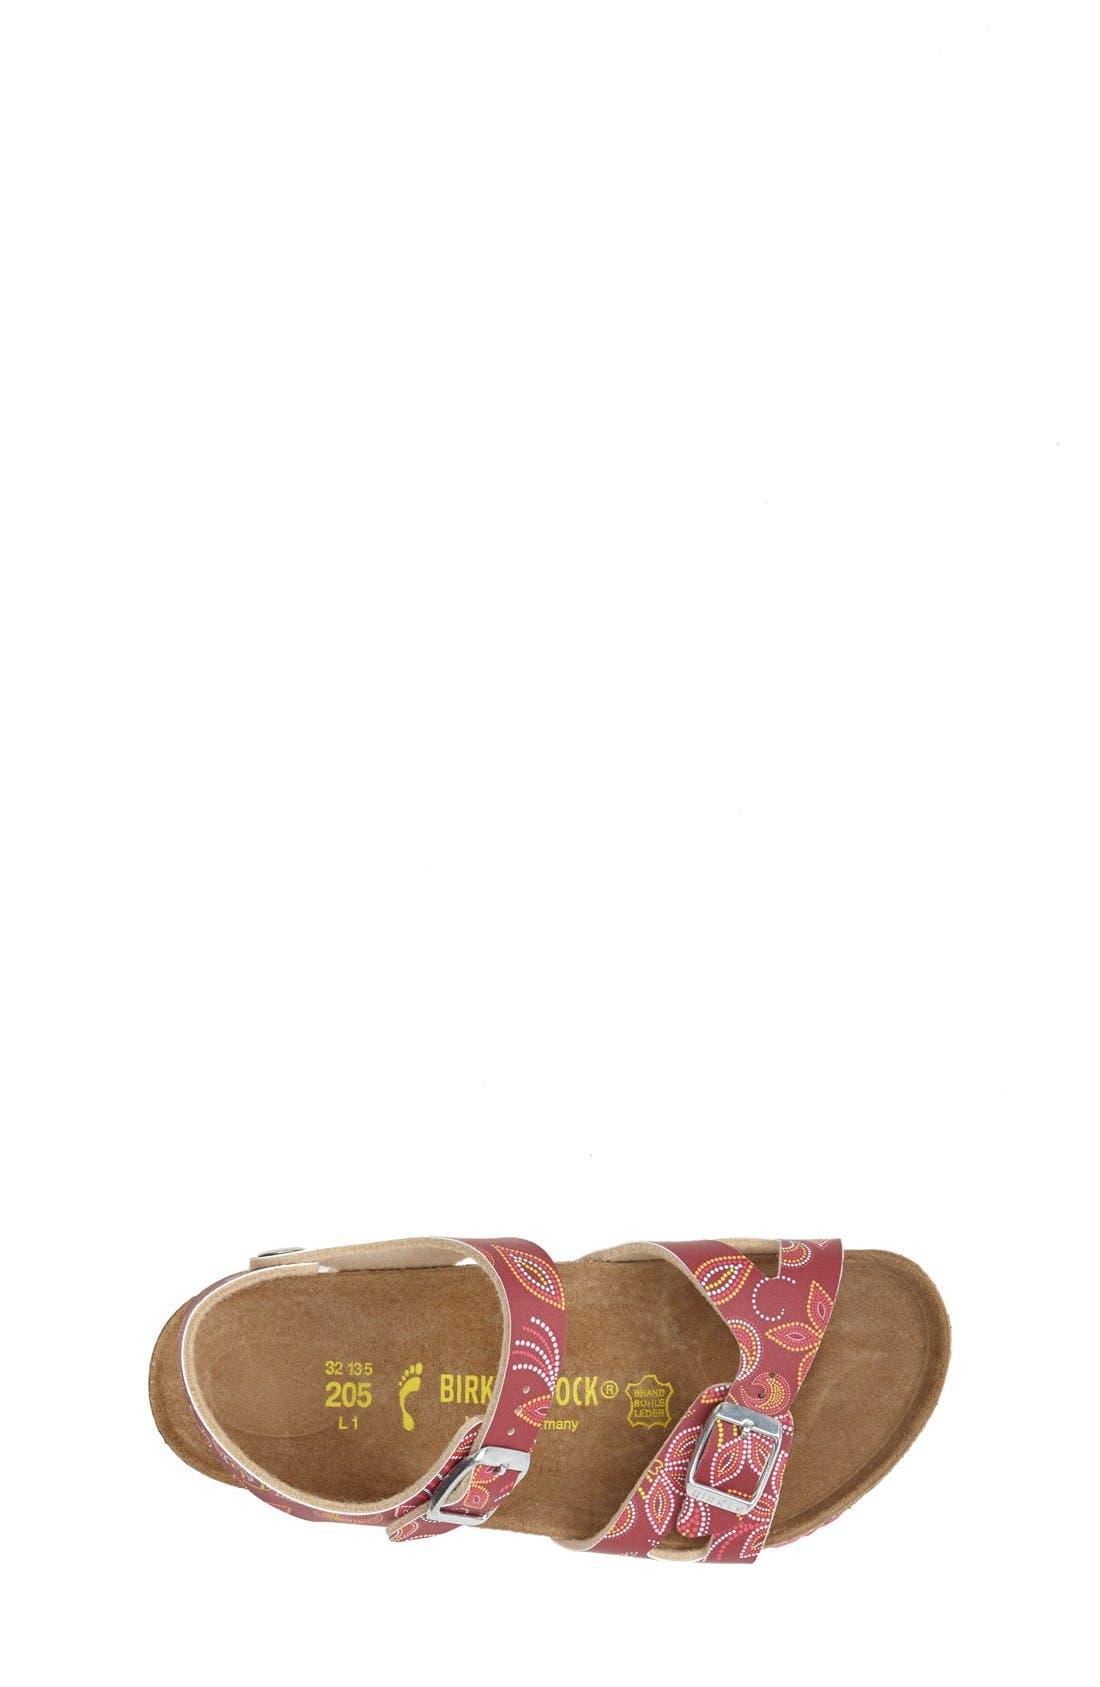 Alternate Image 3  - Birkenstock 'Rio' Birko-Flor™ Sandal (Walker, Toddler & Little Kid)